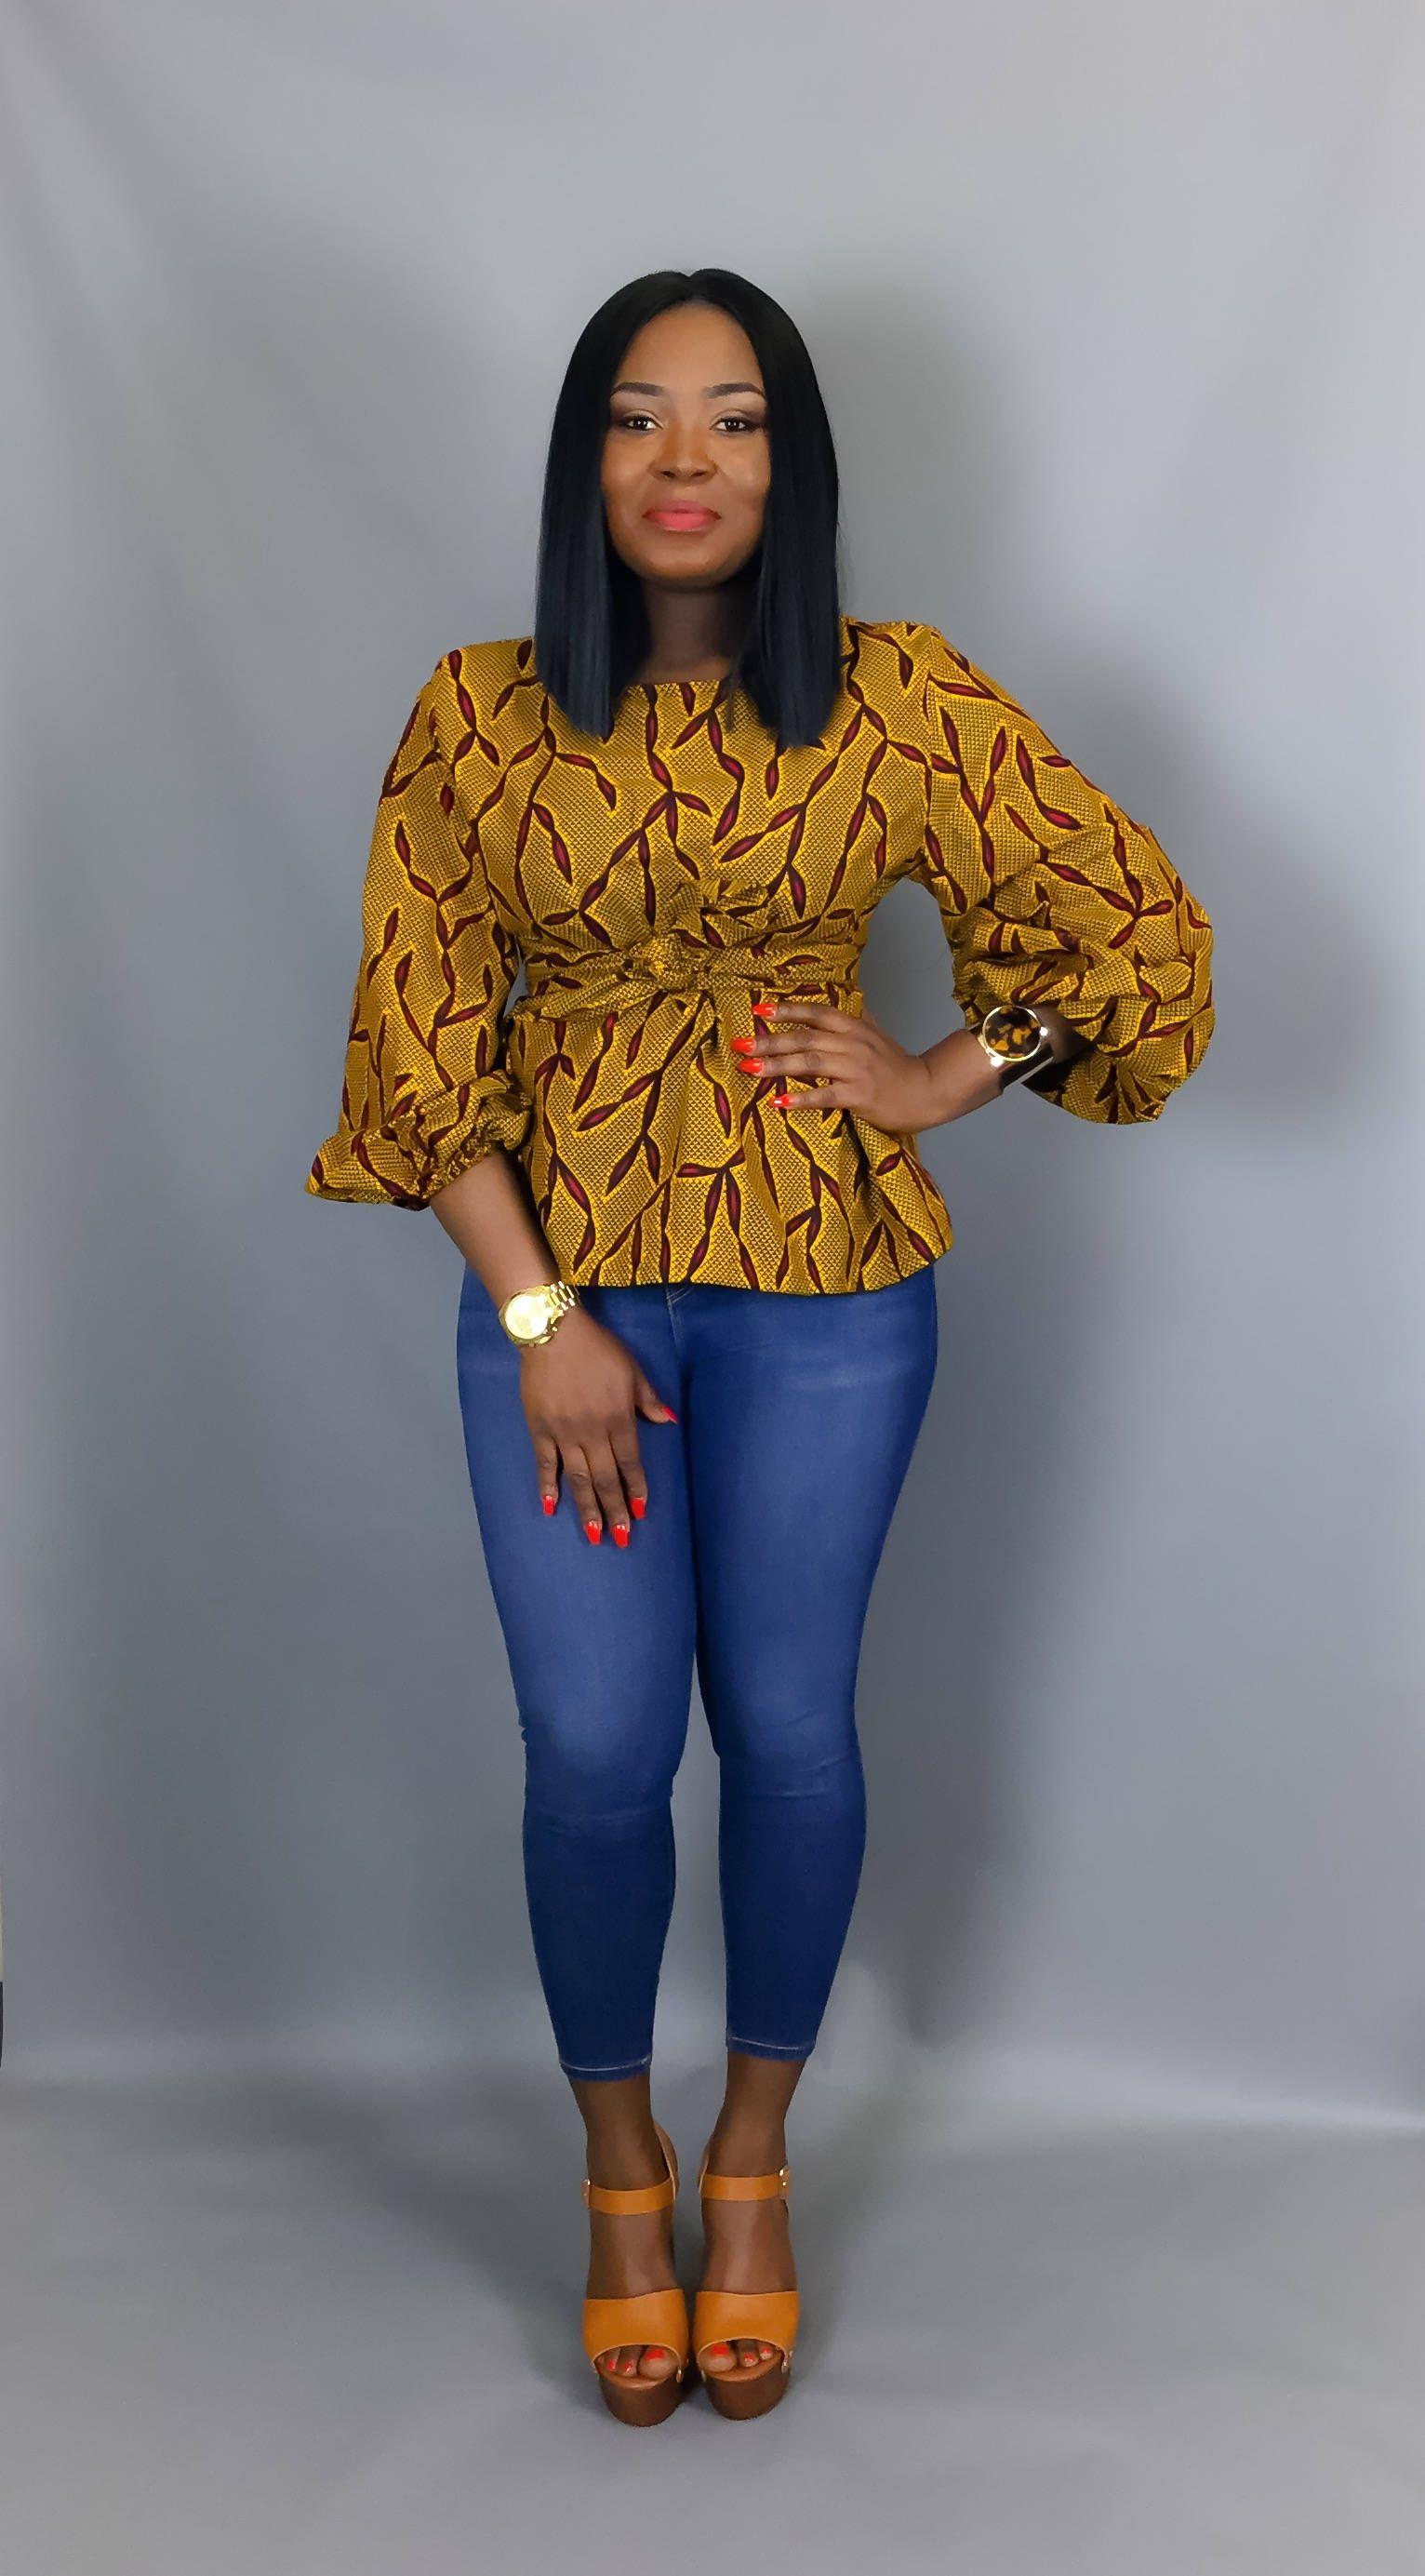 """Résultat de recherche d'images pour """"haut africain femme"""""""